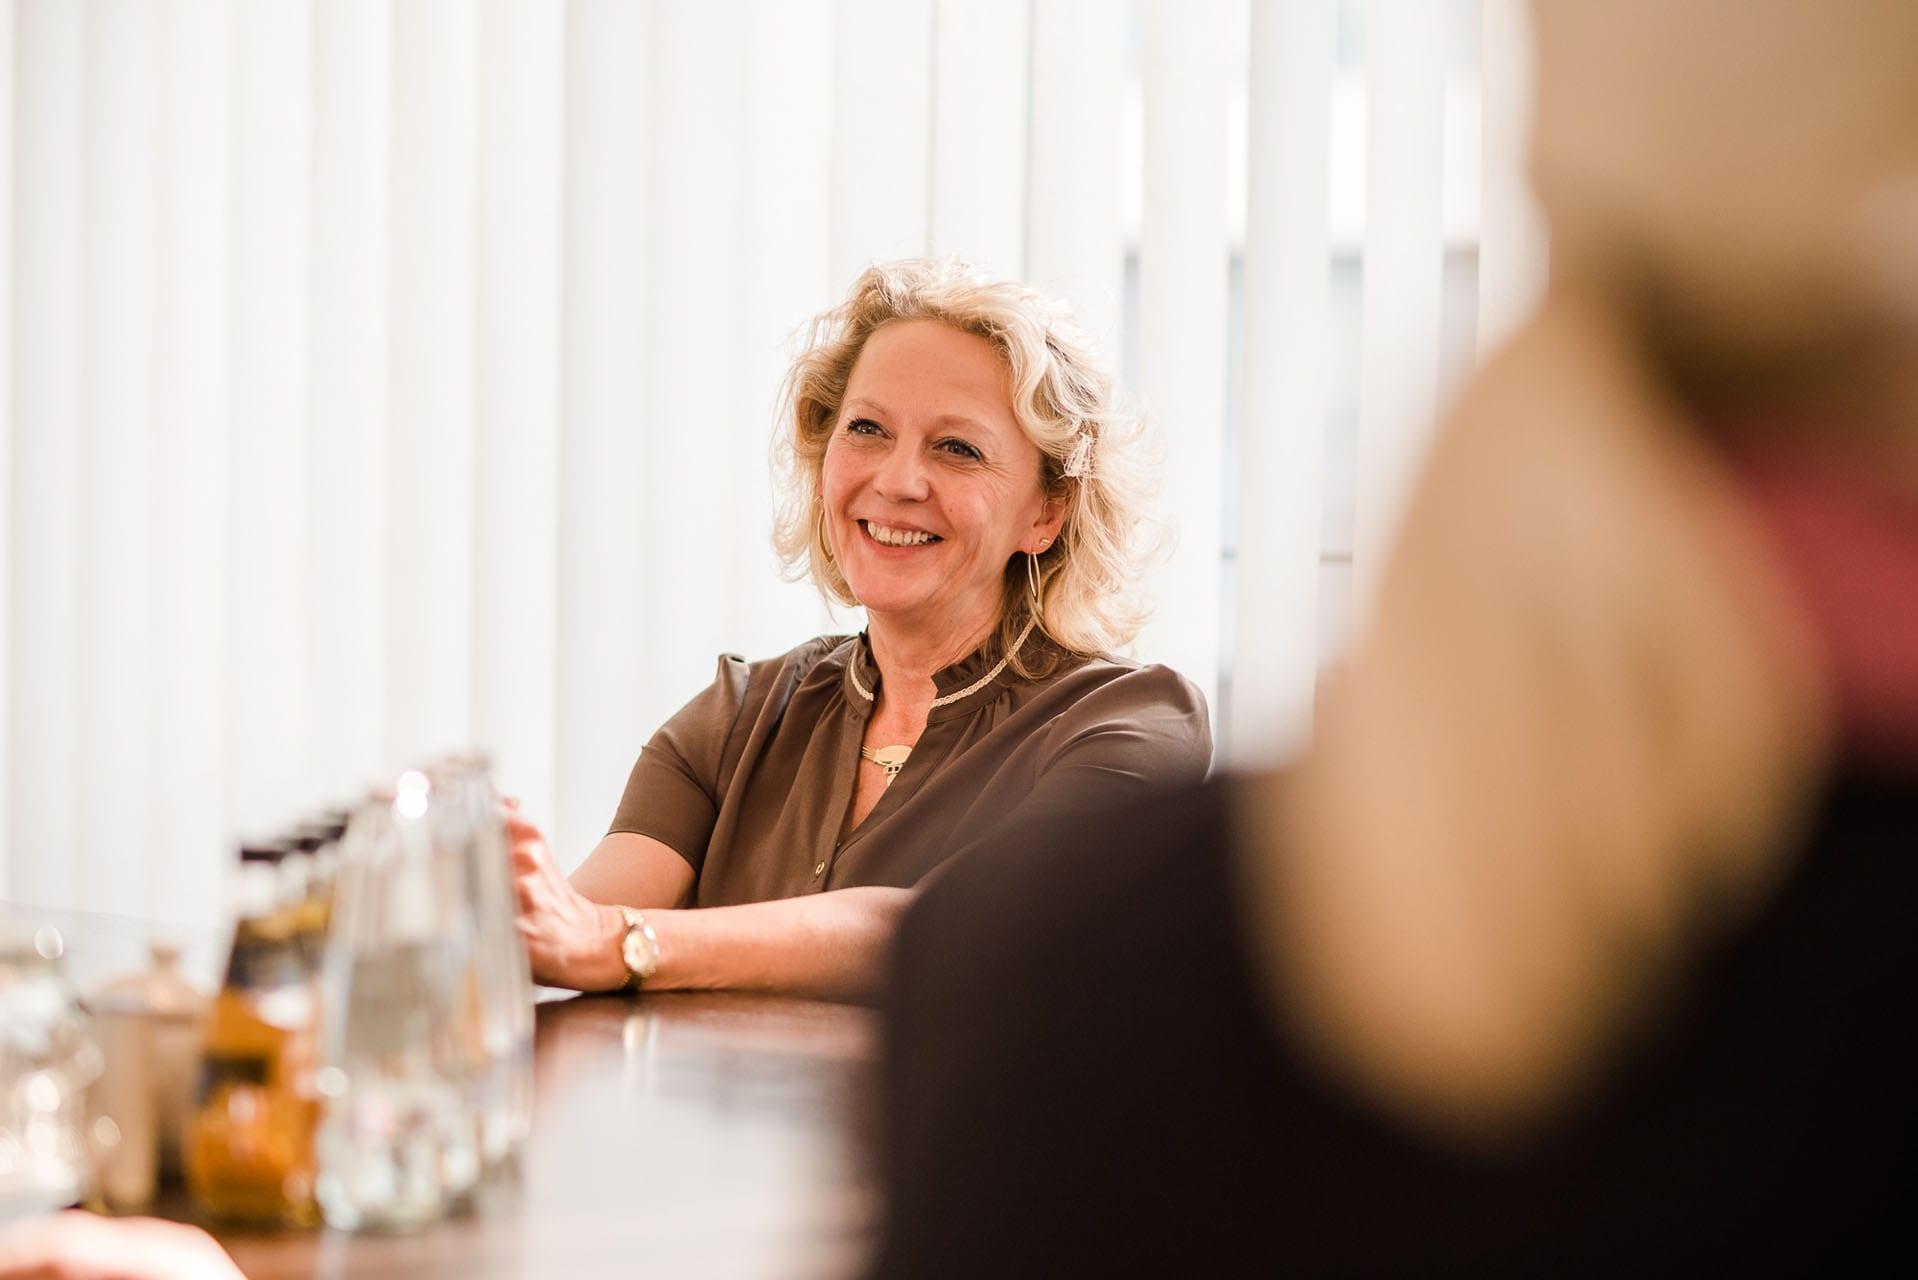 Ihr erster Ansprechpartner an unserem Empfang – sowohl telefonisch als auch persönlich. – über 20 Jahre Erfahrungen im Notariat, zuständig für Vorbereitung und Abwicklung sämtlicher handels- und gesellschaftsrechtlichen Angelegenheiten.